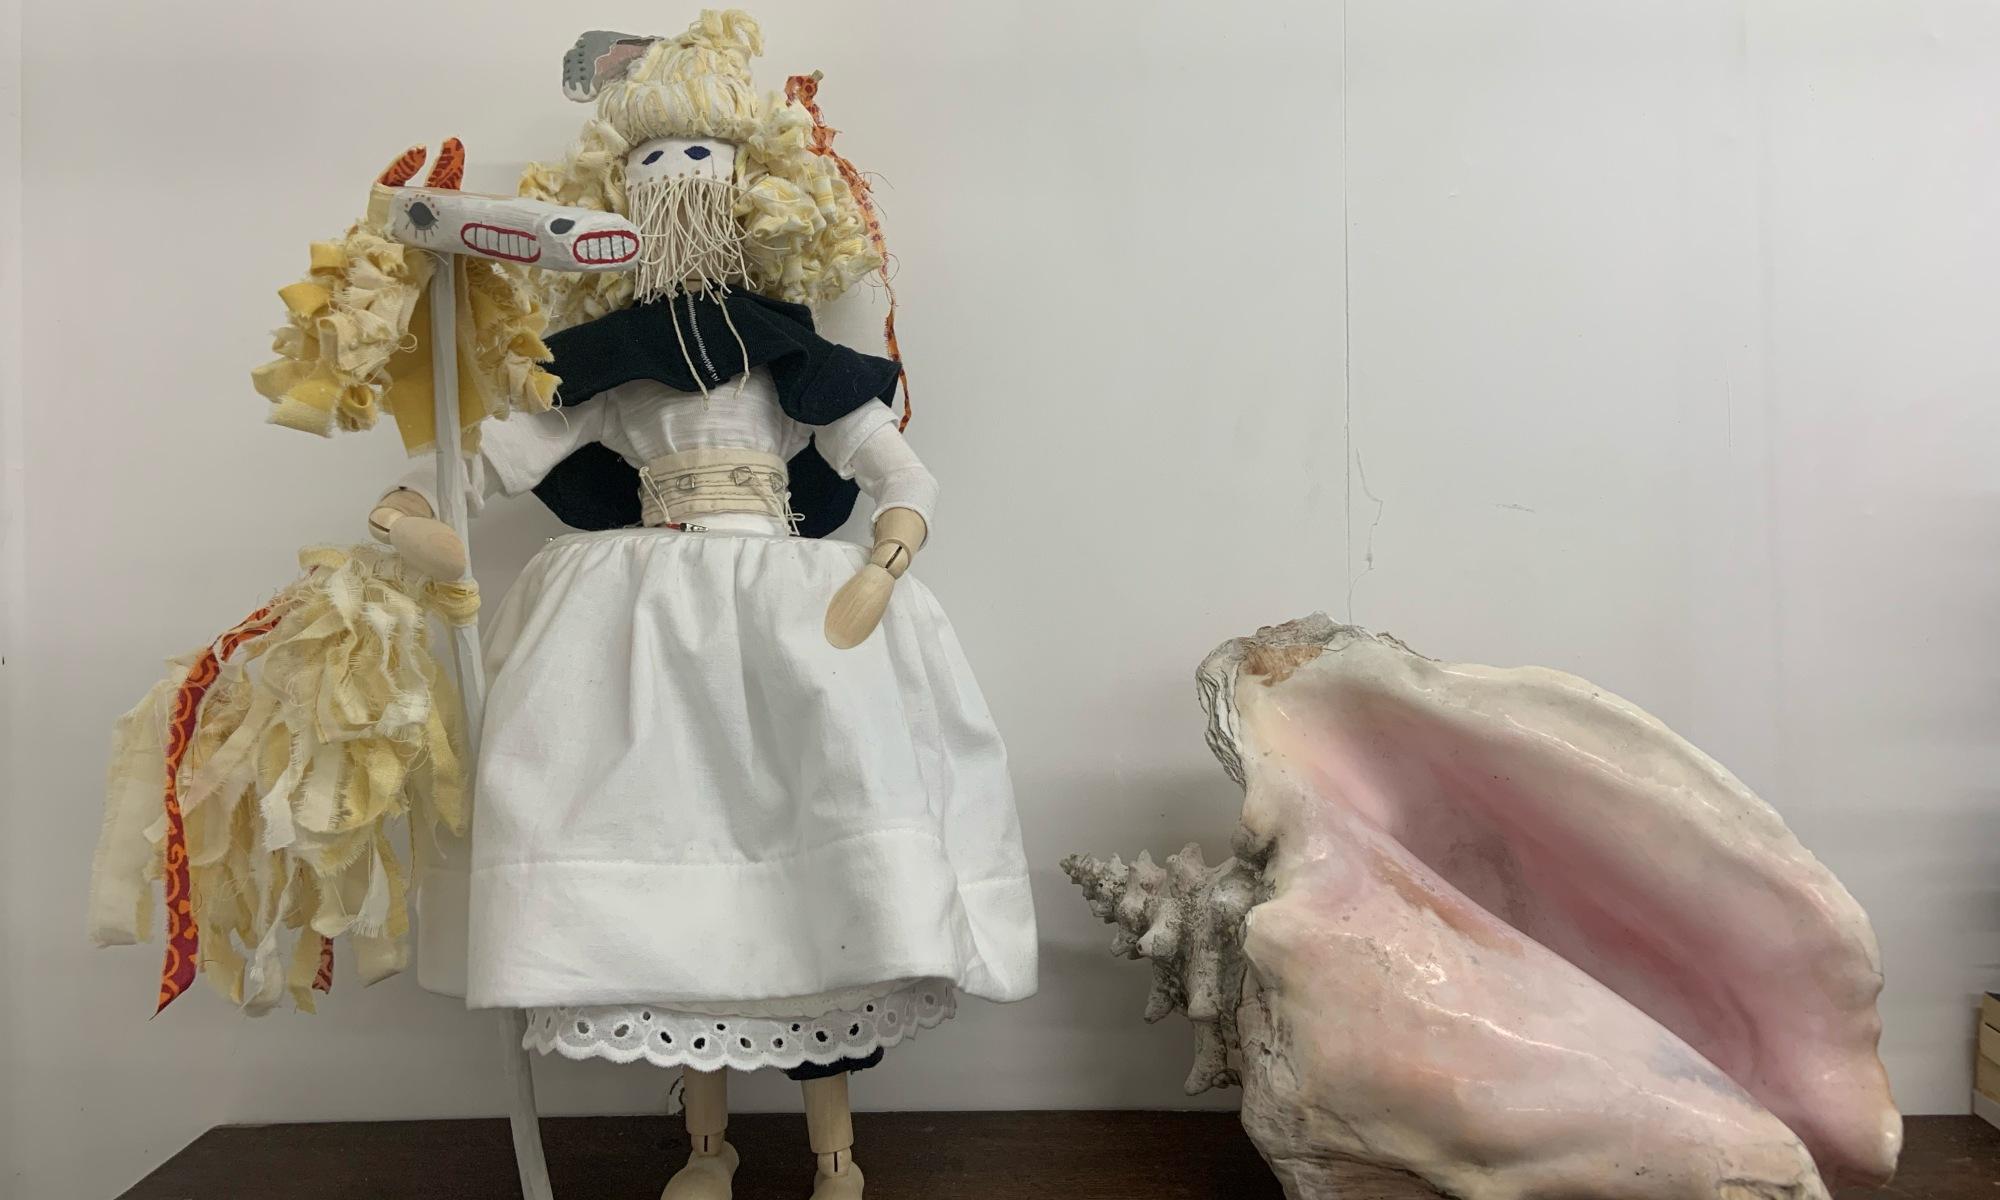 Maquette of Rebecca costume